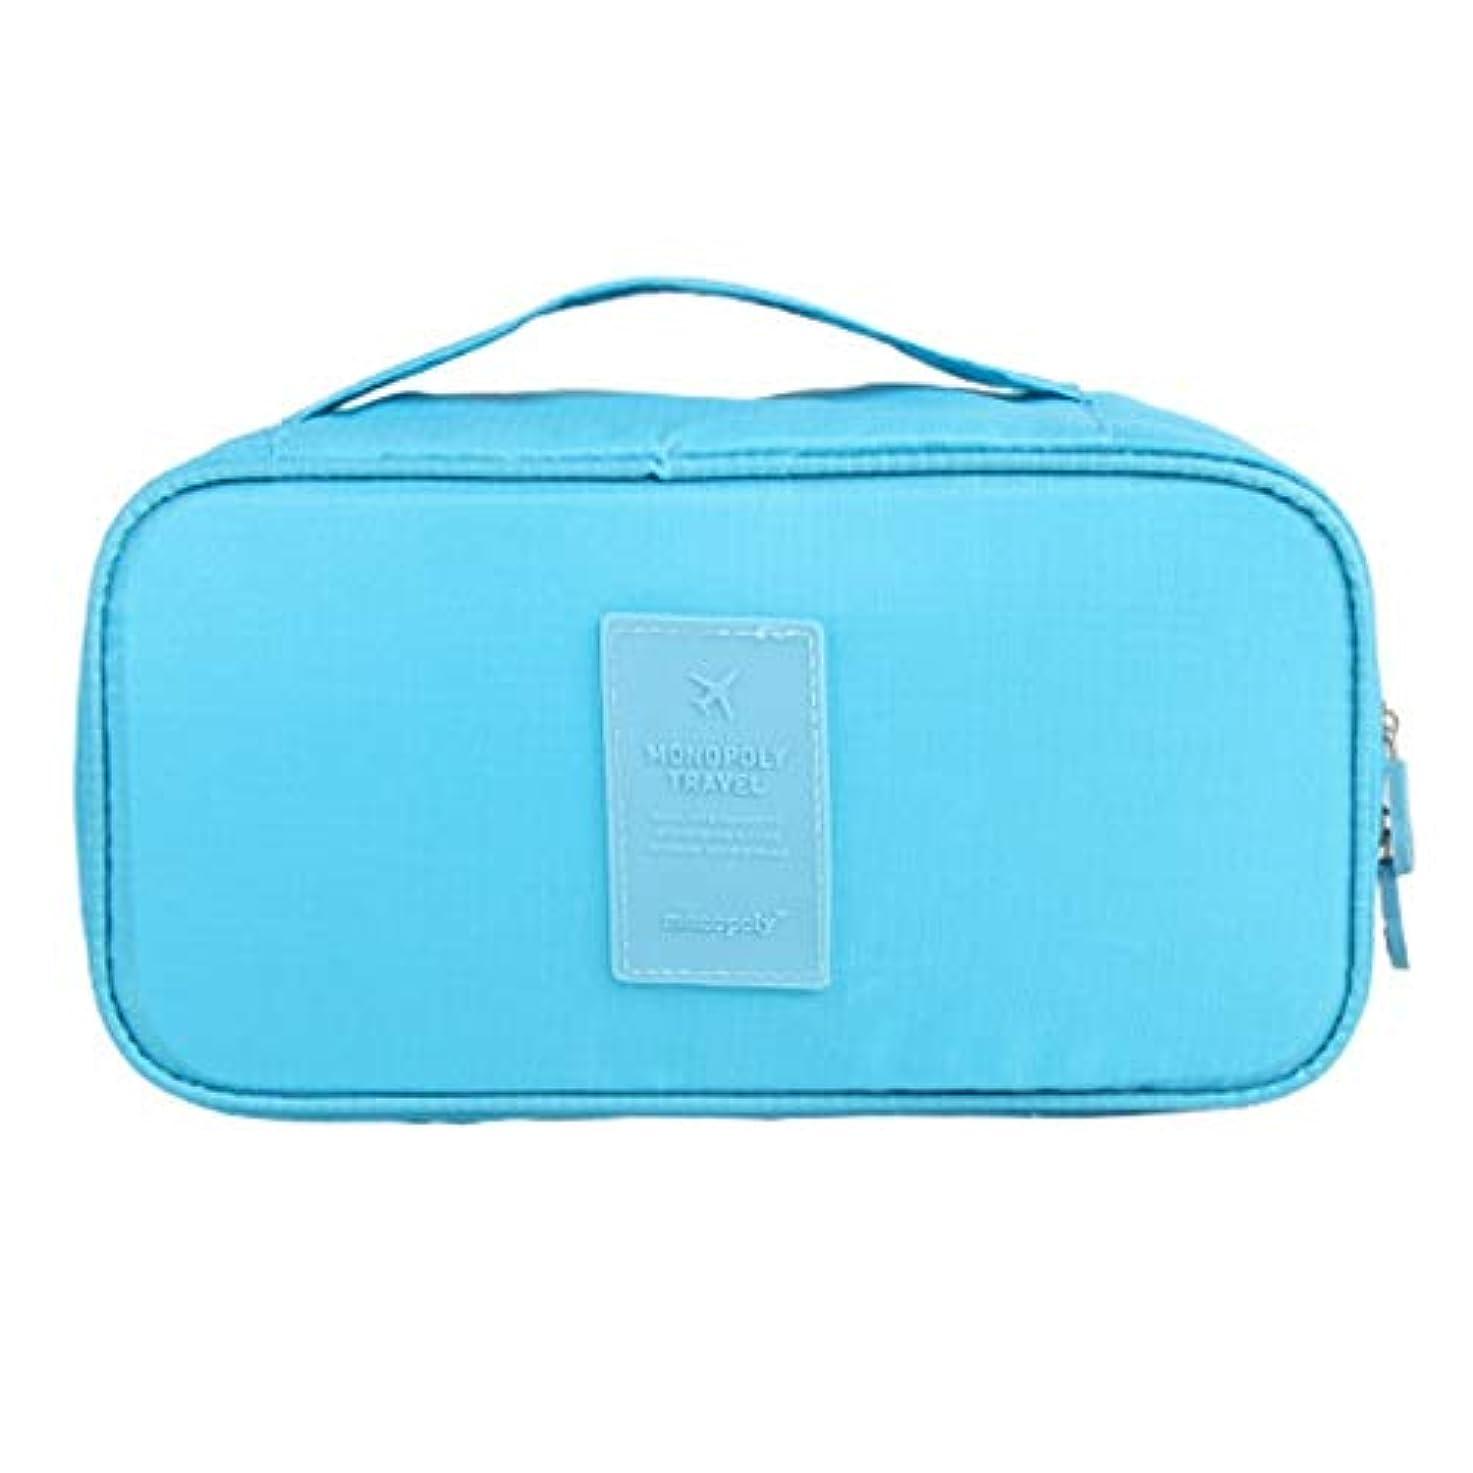 批判的に誤解させる確保する化粧オーガナイザーバッグ 旅行用品旅行用シェービングヘアバッグ 化粧品ケース (色 : 青)